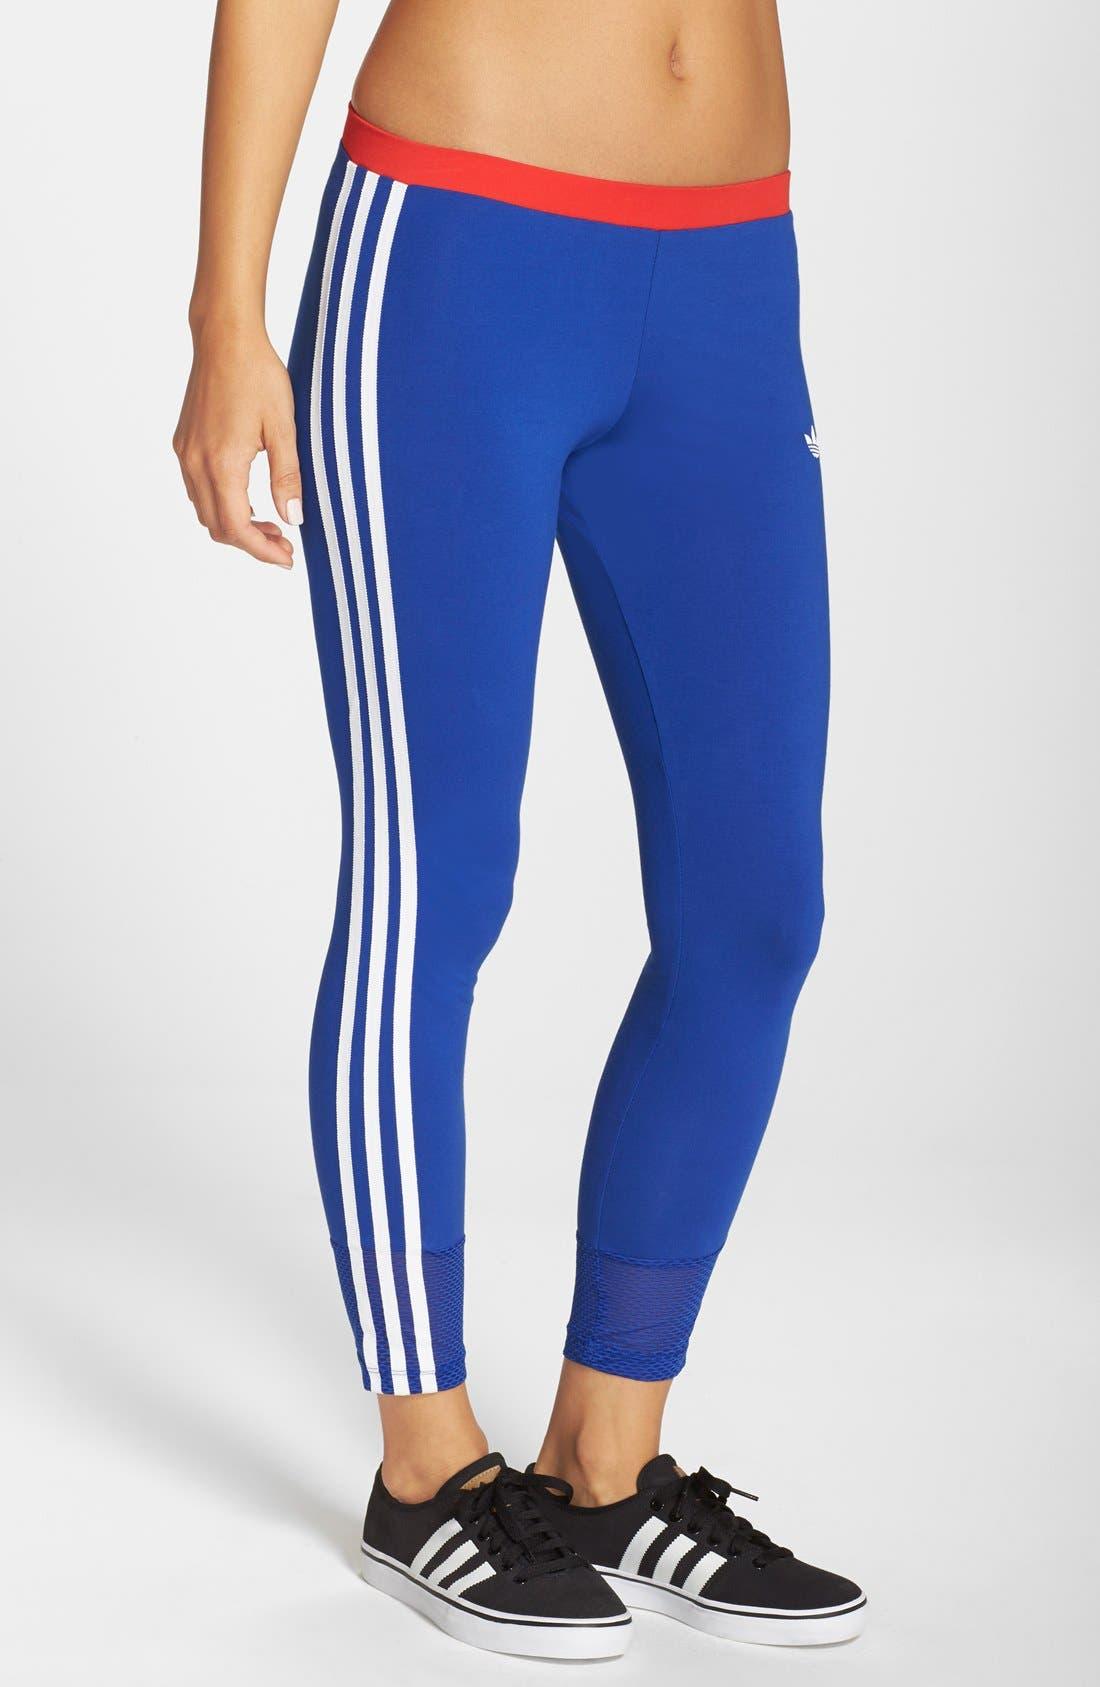 adidas originals 3 stripes leggings